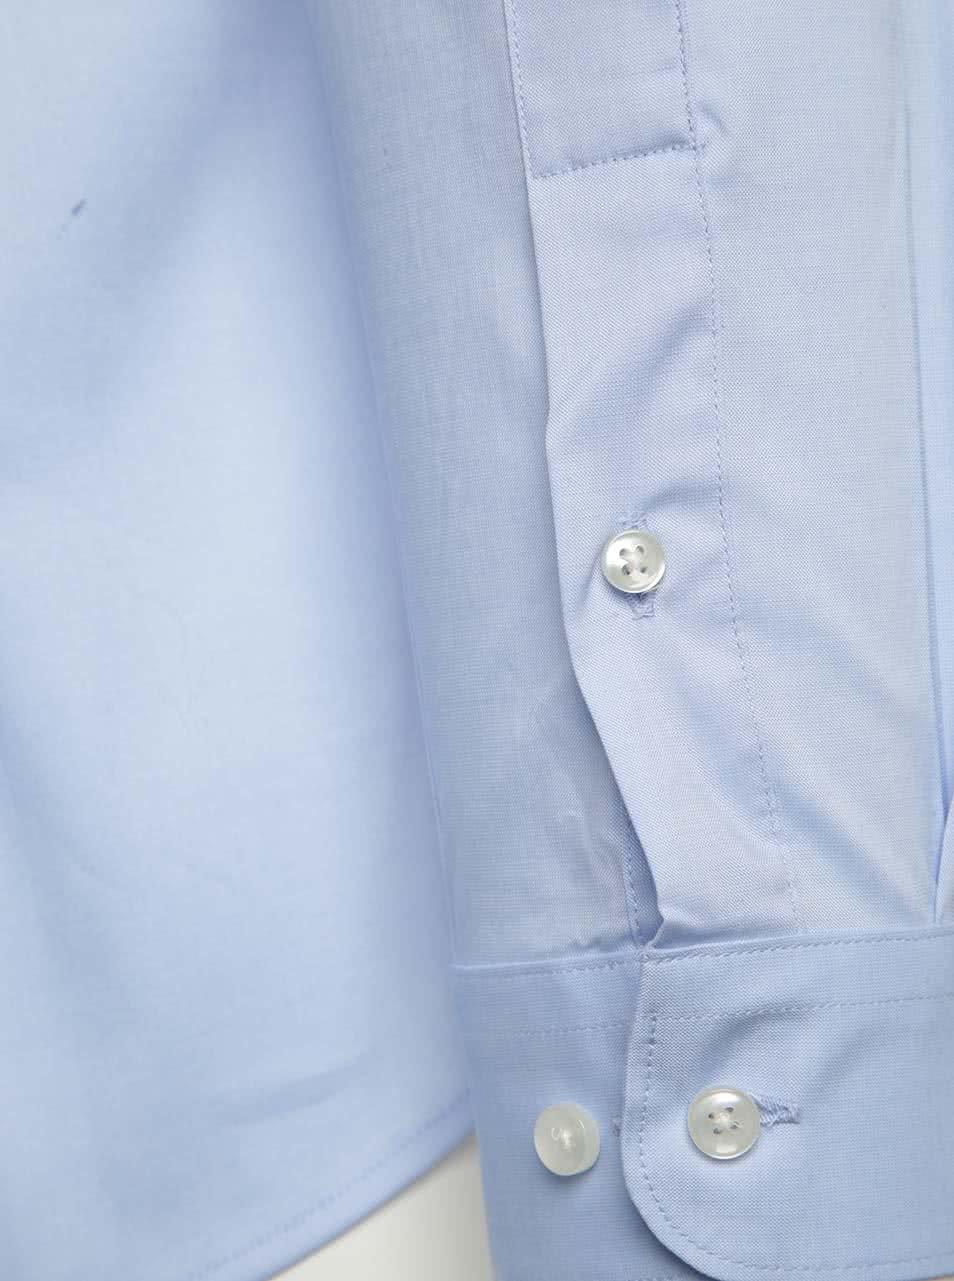 Světle modrá formální super slim fit košile Jack   Jones Parma ... 2c875acf79